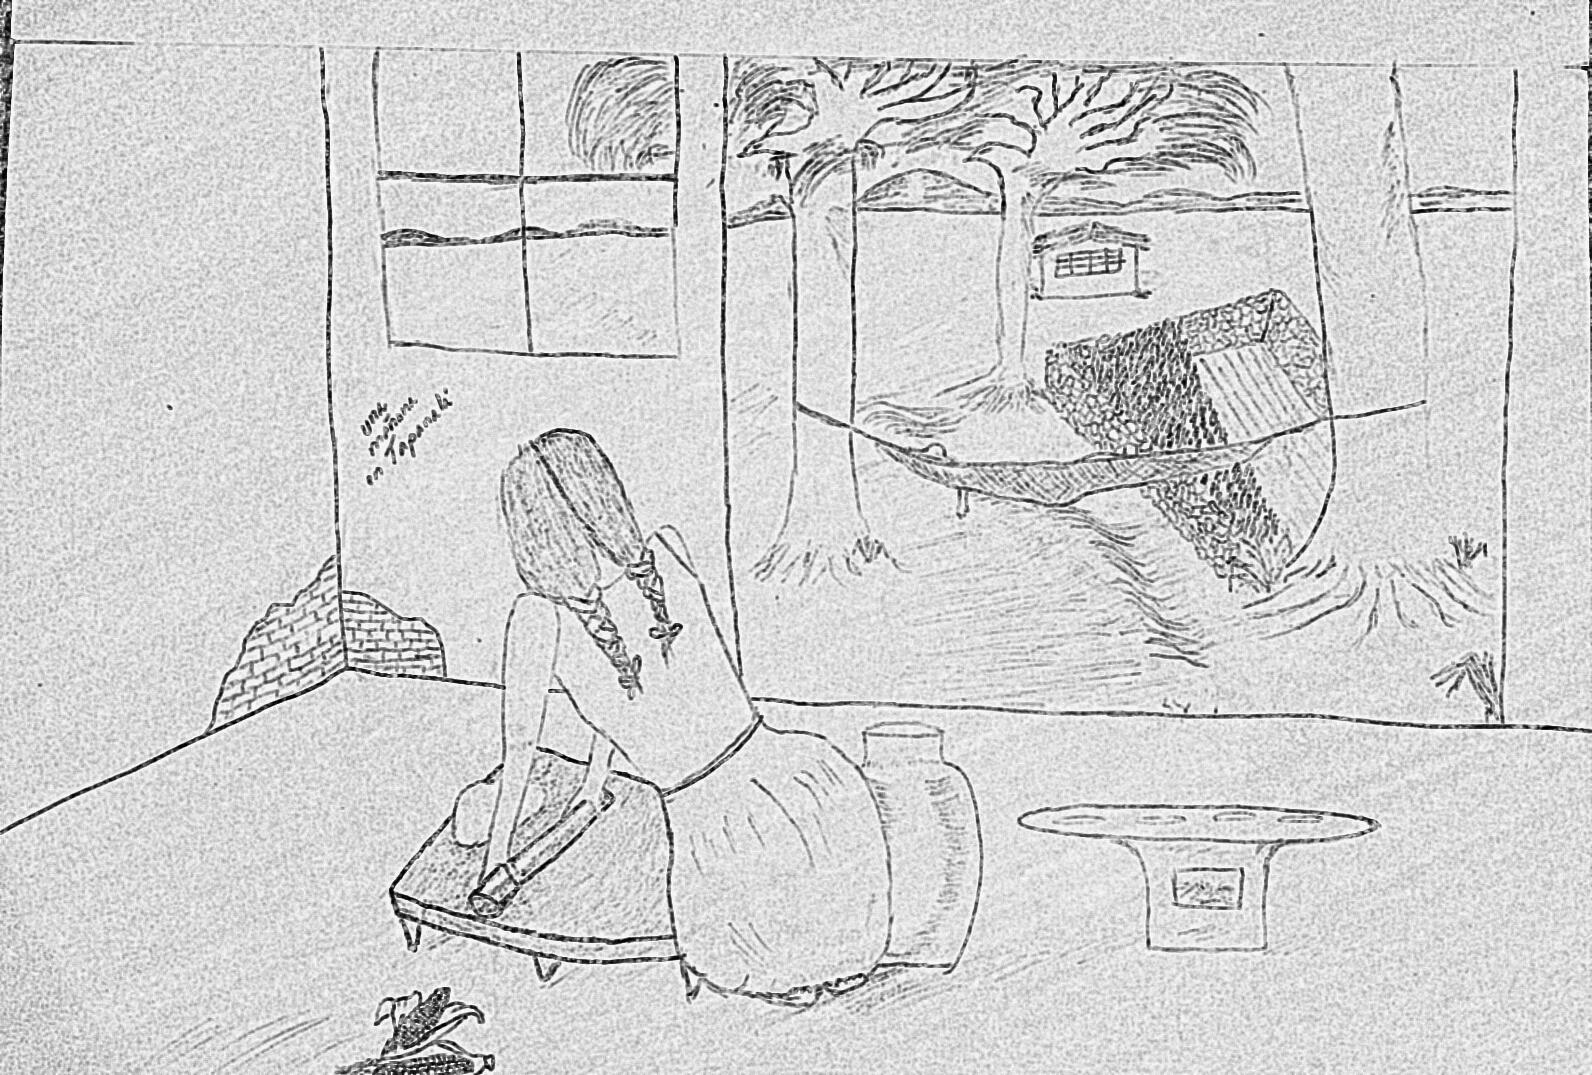 Lety Grey Escritora: 05/02/16